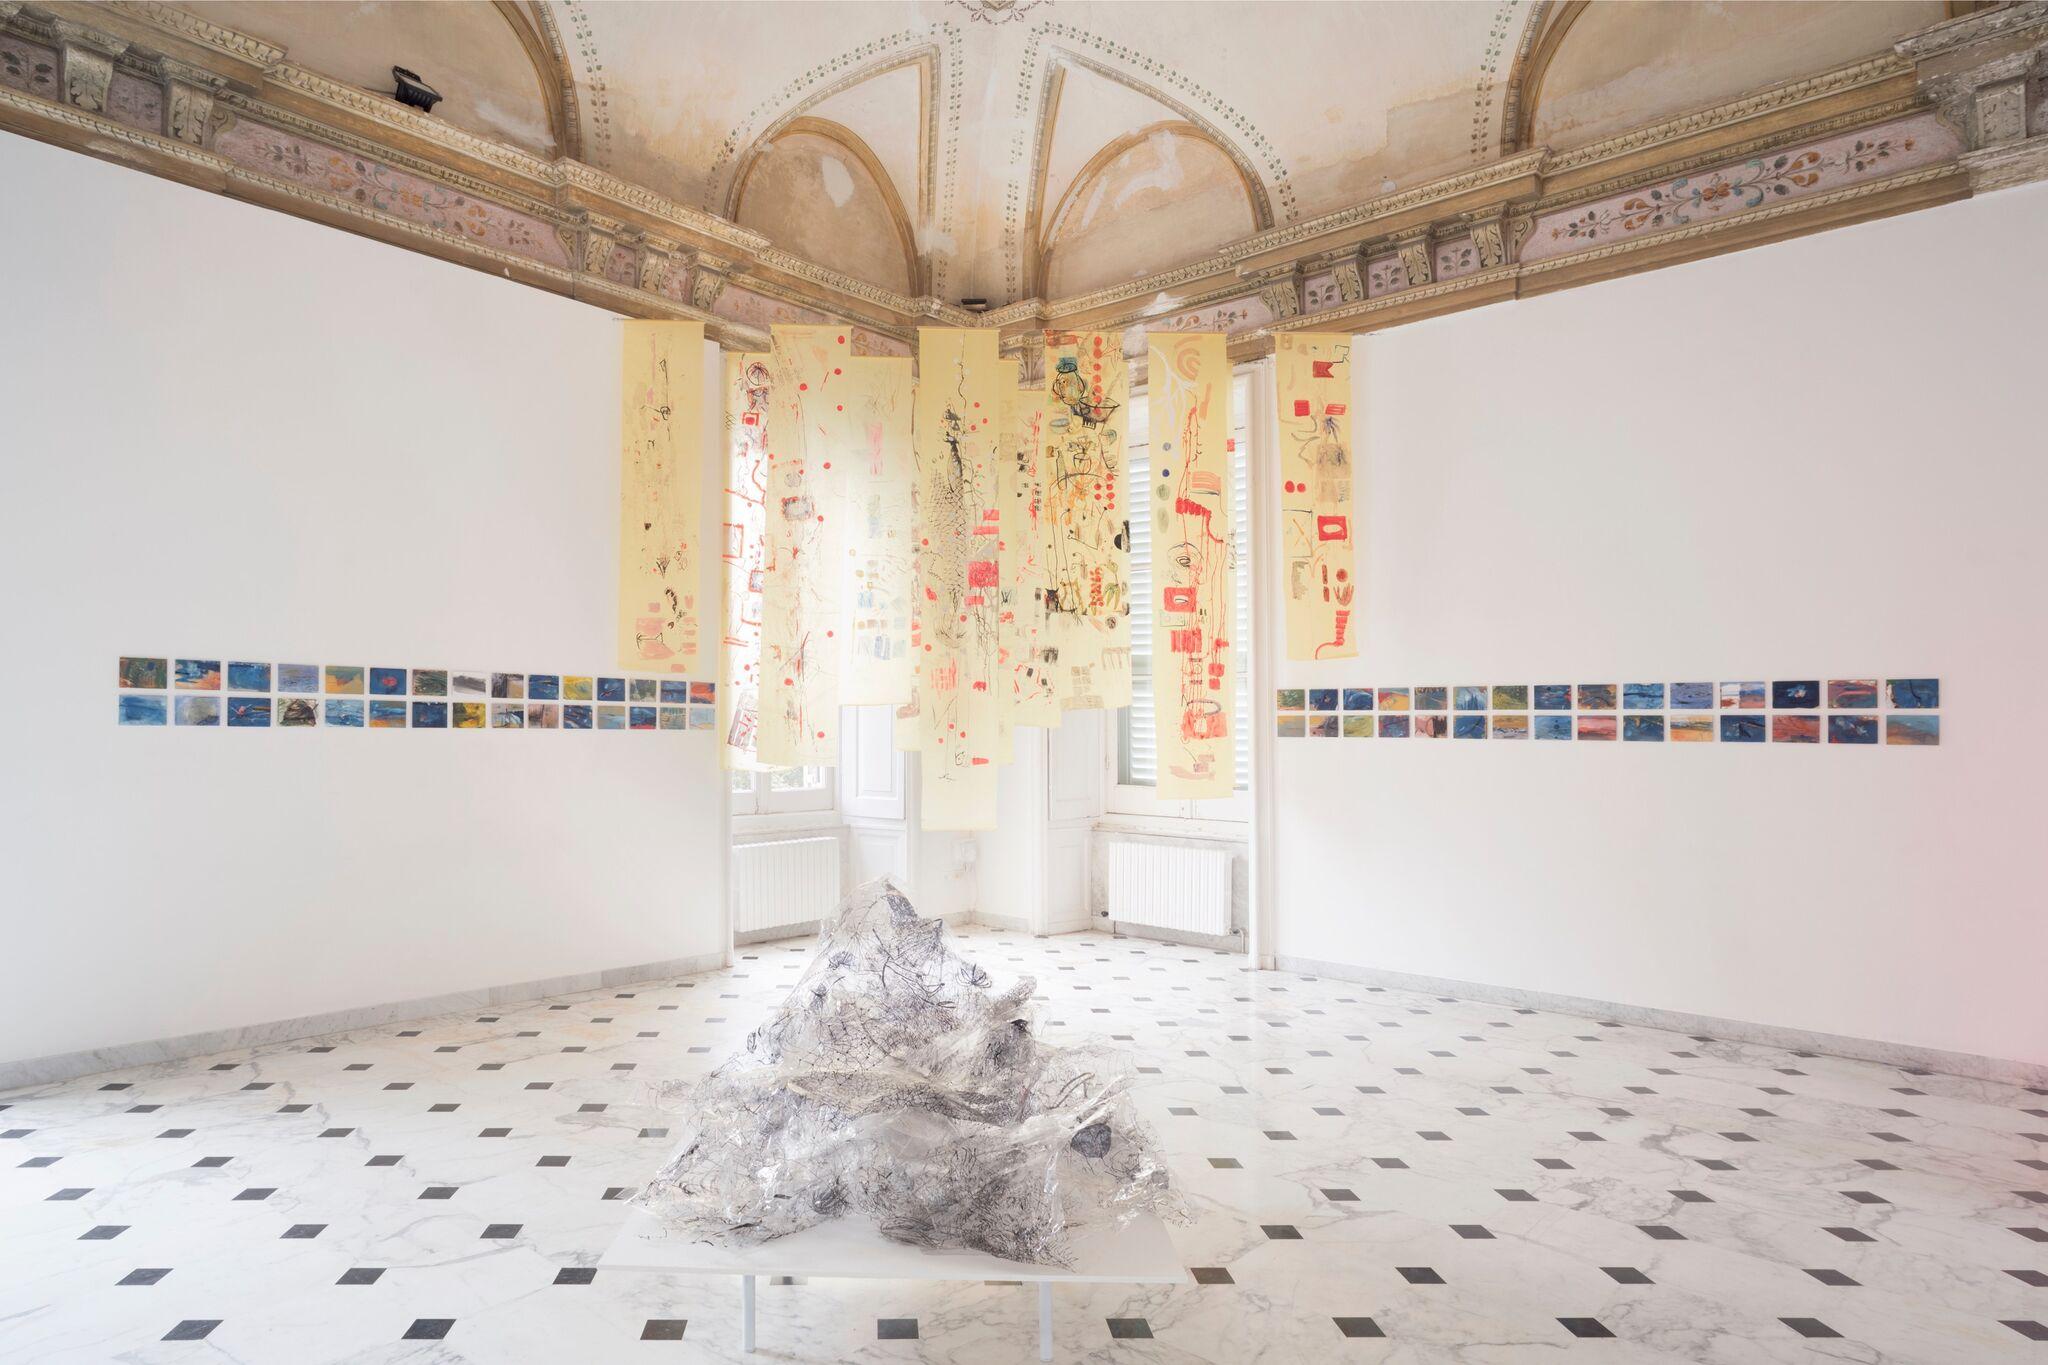 Elisa Montessori, veduta installazione, Vita morte miracoli. Courtesy dell'artista e Galleria Monitor. Foto di Anna Positano